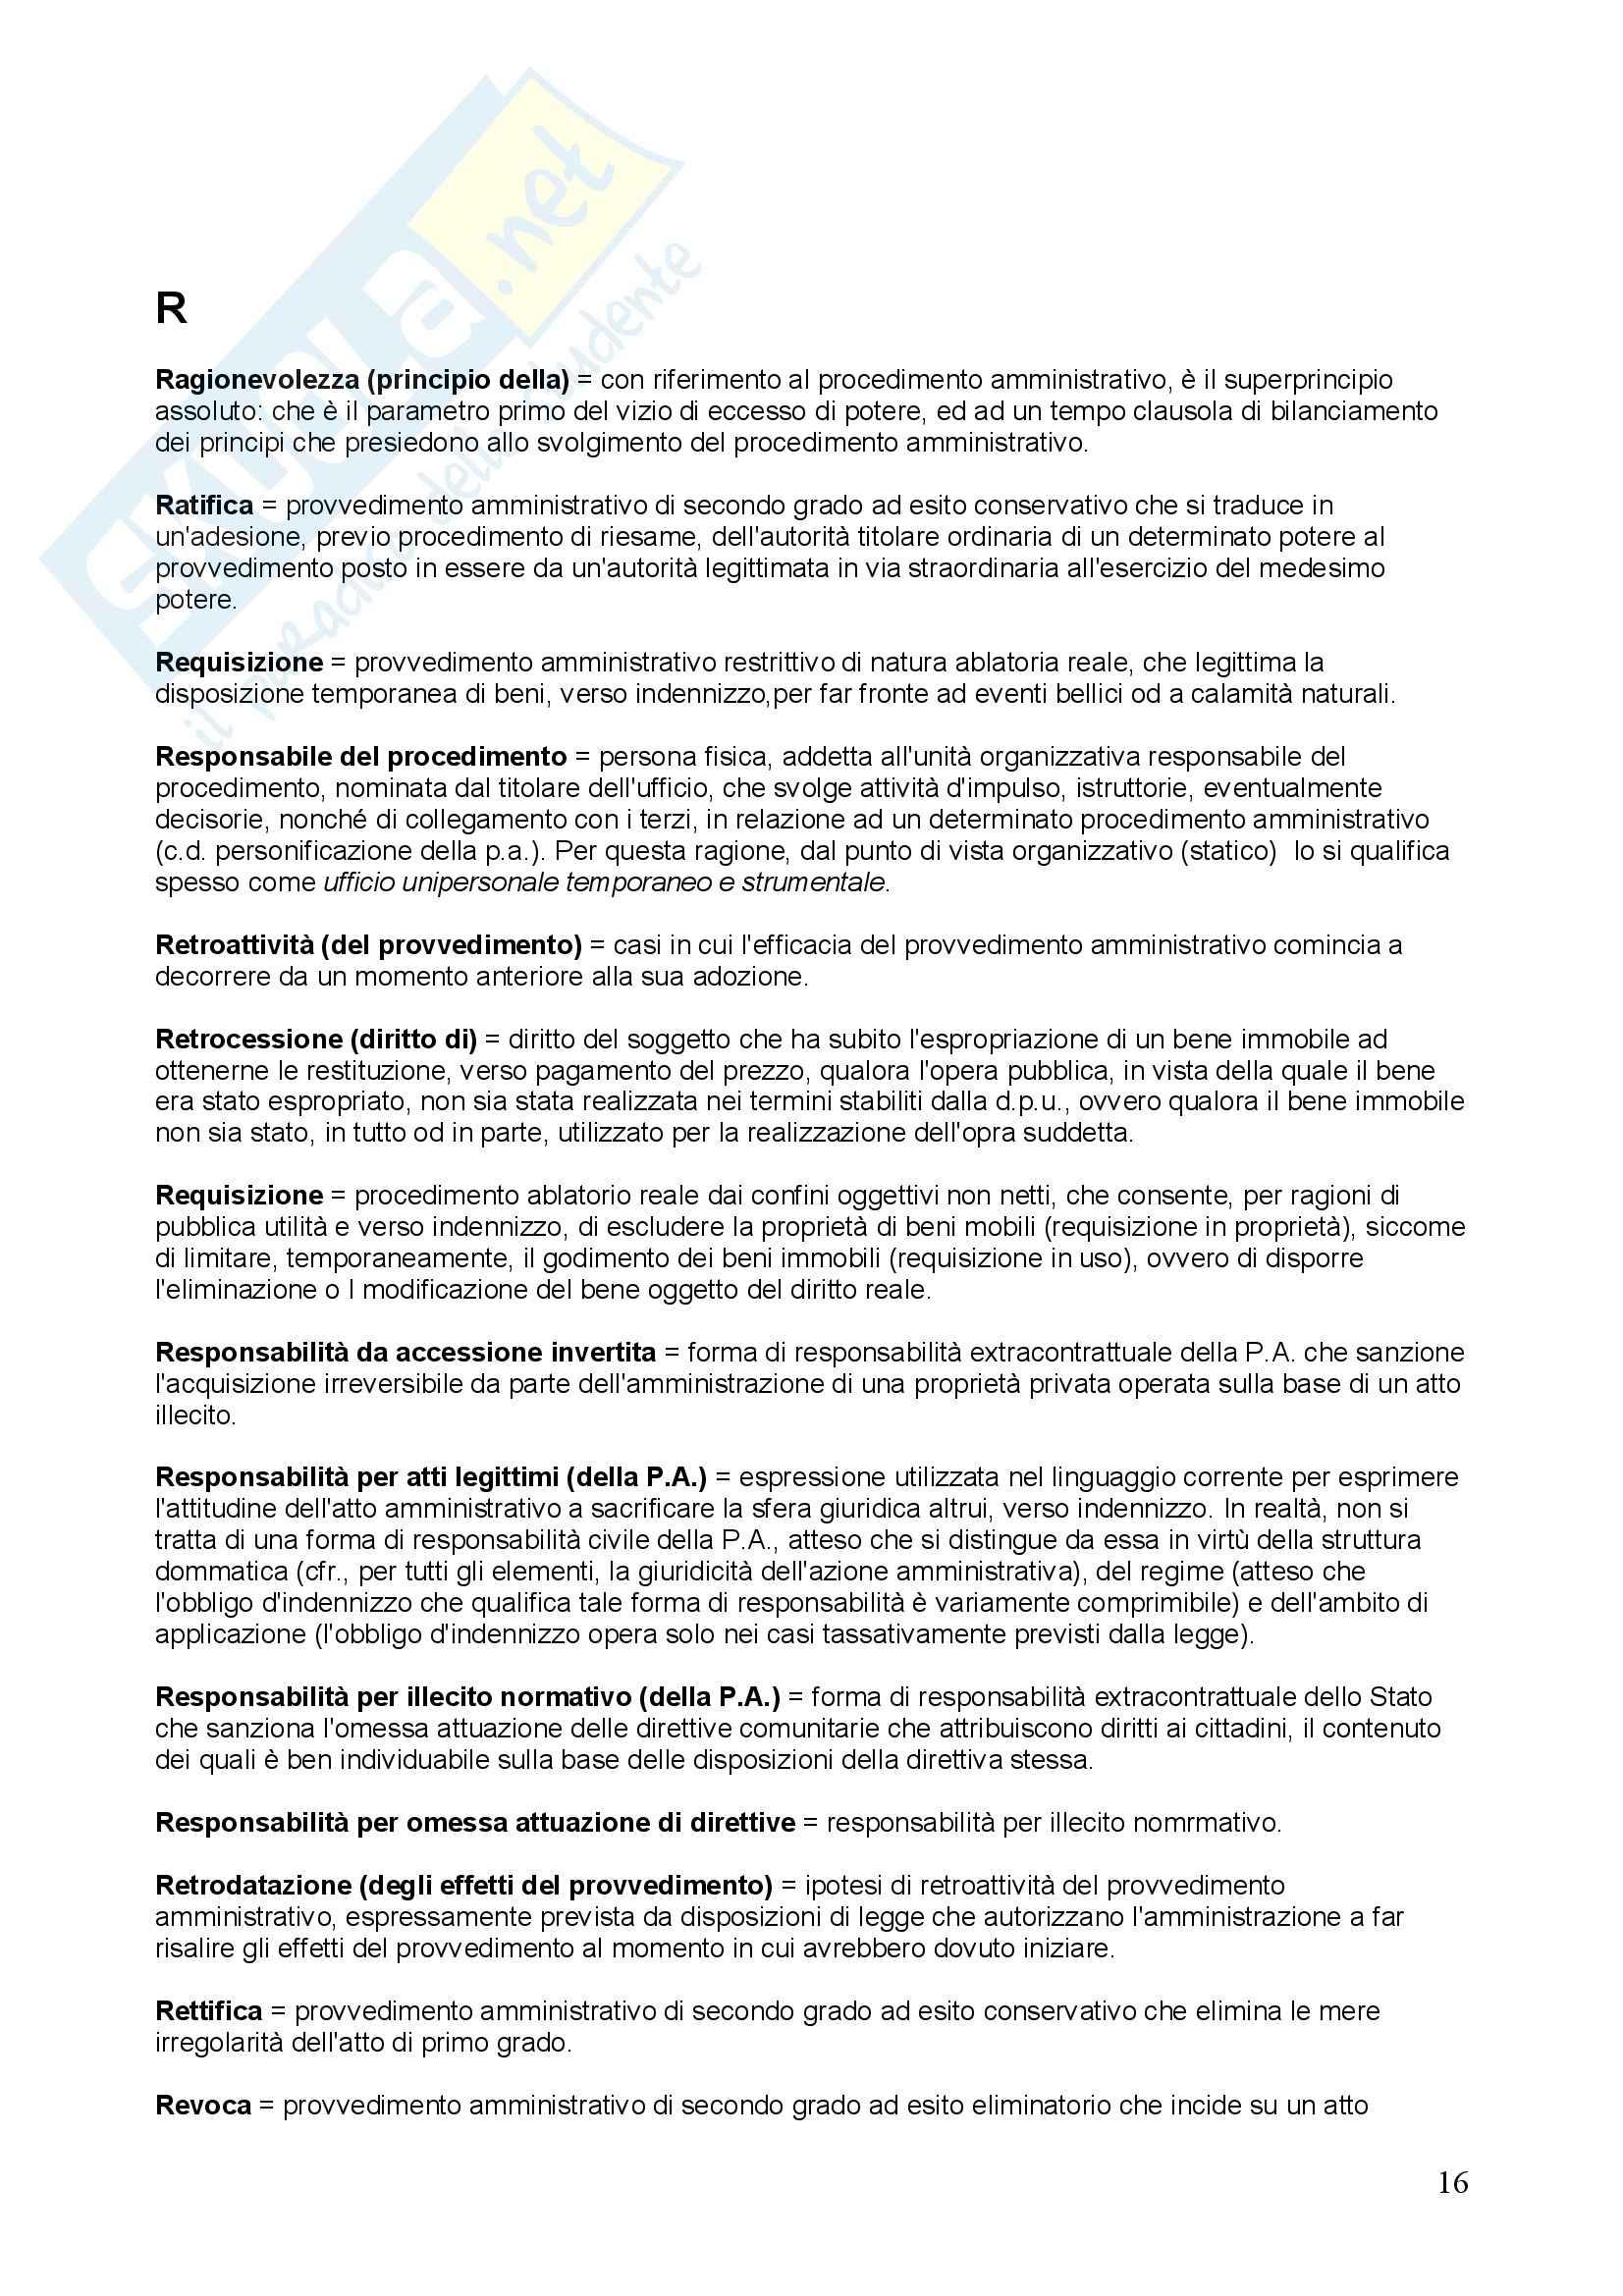 Diritto amministrativo – Glossario Pag. 16